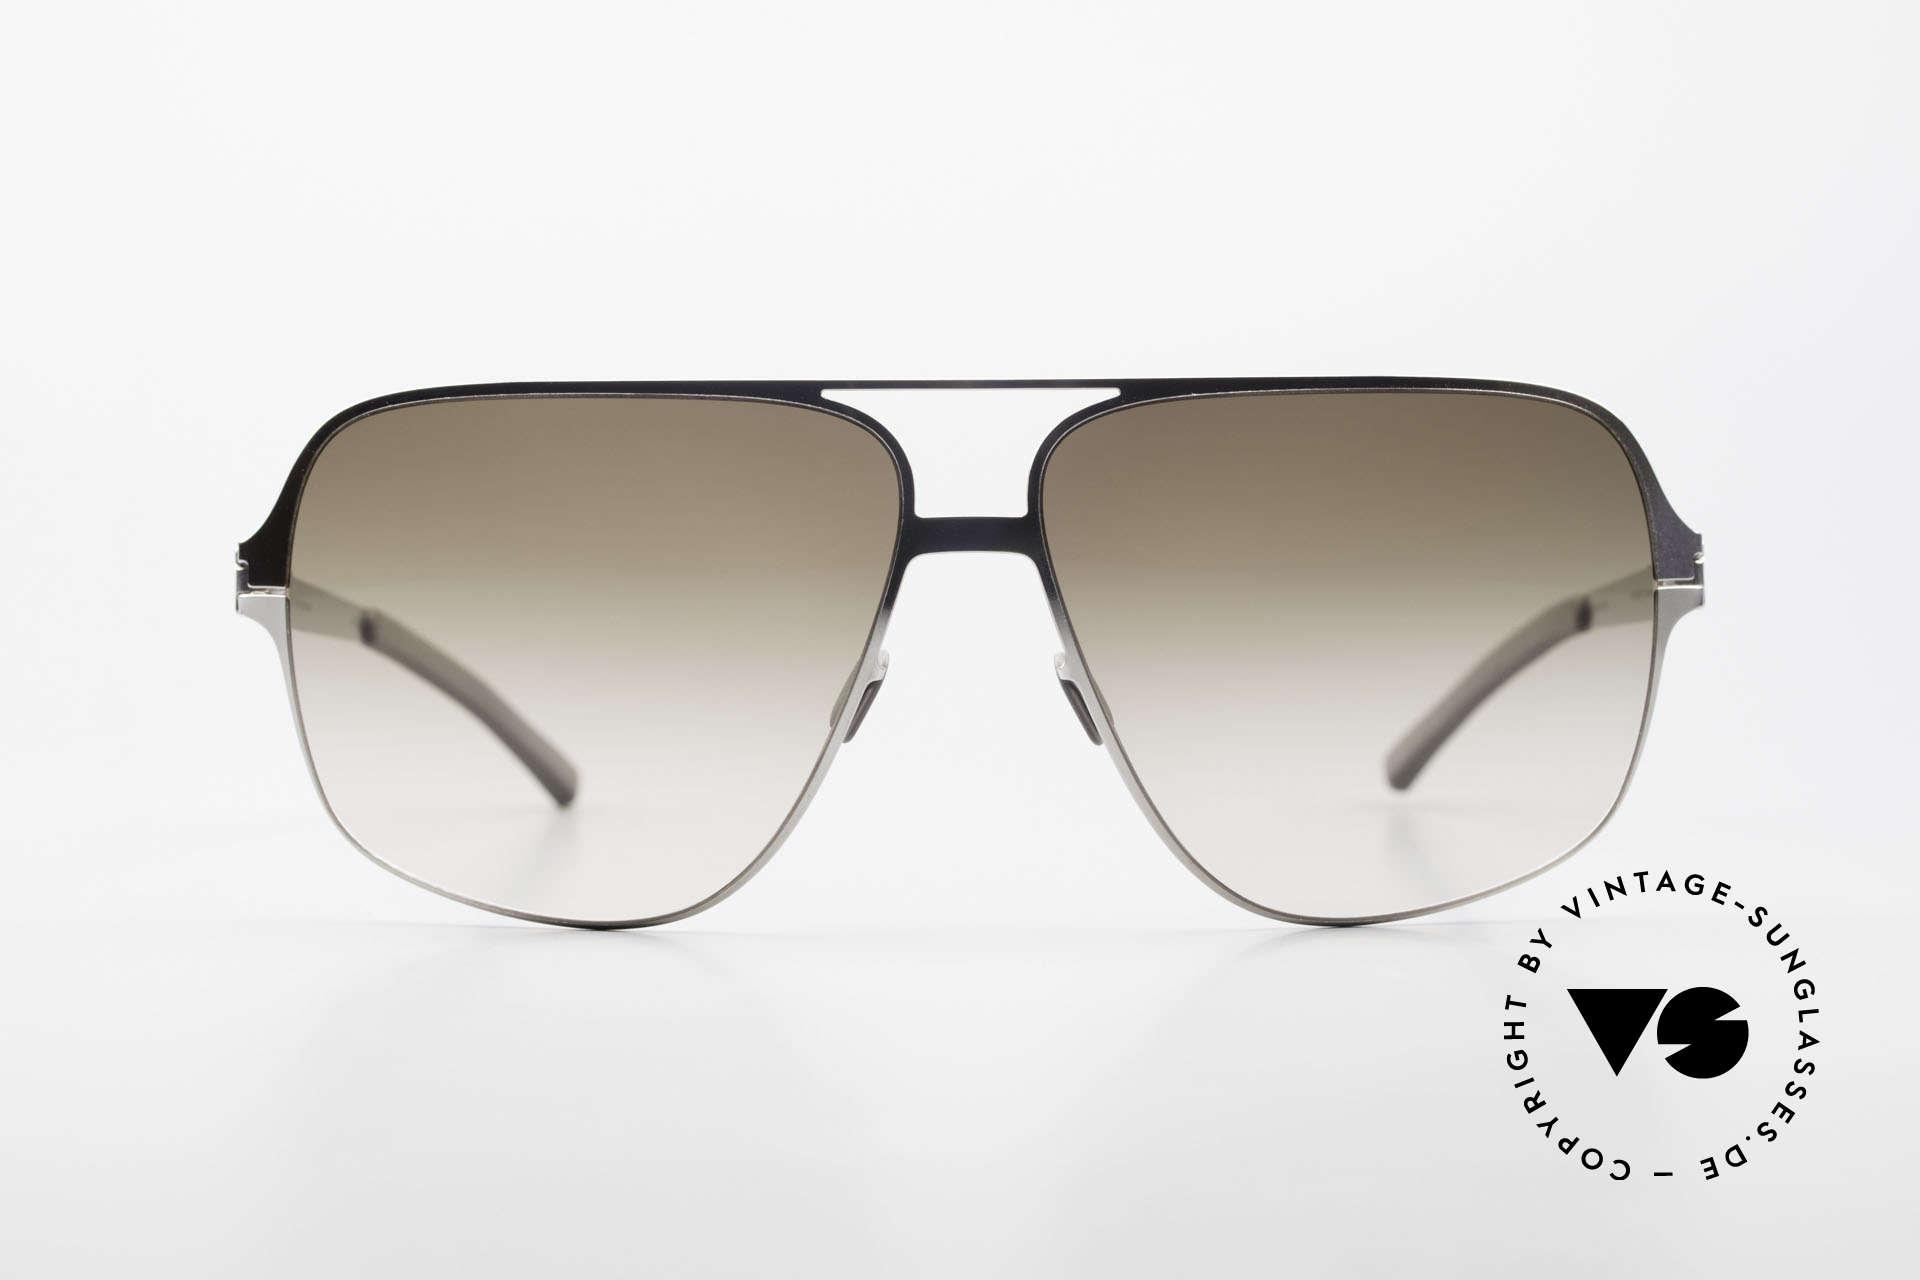 Mykita Cassius Lenny Kravitz Sonnenbrille XXL, Mykita: die jüngste Marke in unserem vintage Sortiment, Passend für Herren